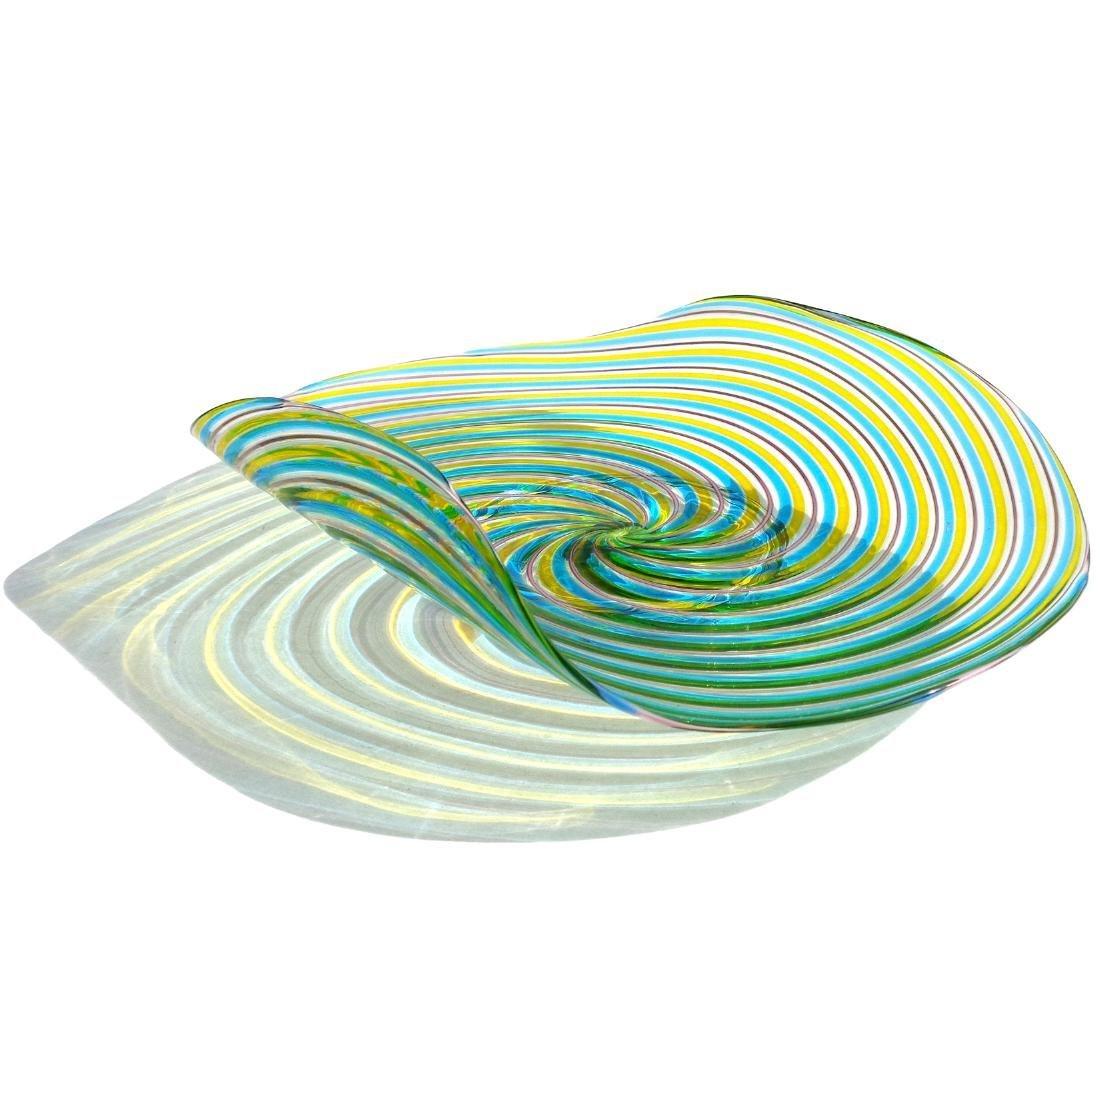 Pauly Venezia Murano Swirl Ribbons Art Glass Bowl